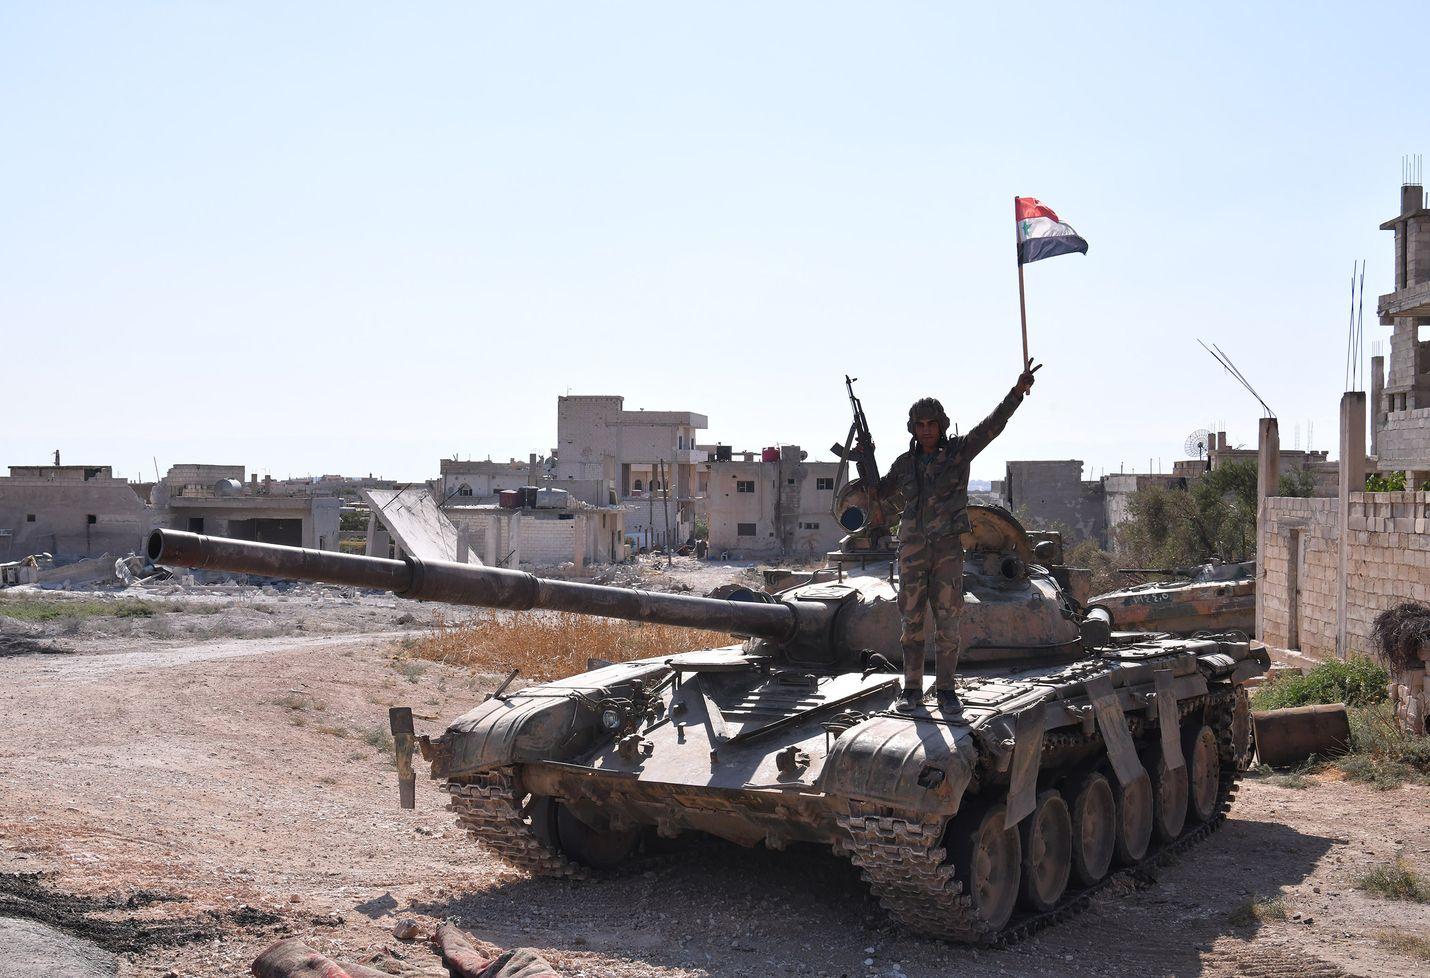 Syyrialainen sotilas heilutti maansa lippua panssarivaunun päällä Luoteis-Syyrian Khan Sheikhounin kaupungissa elokuun lopulla.